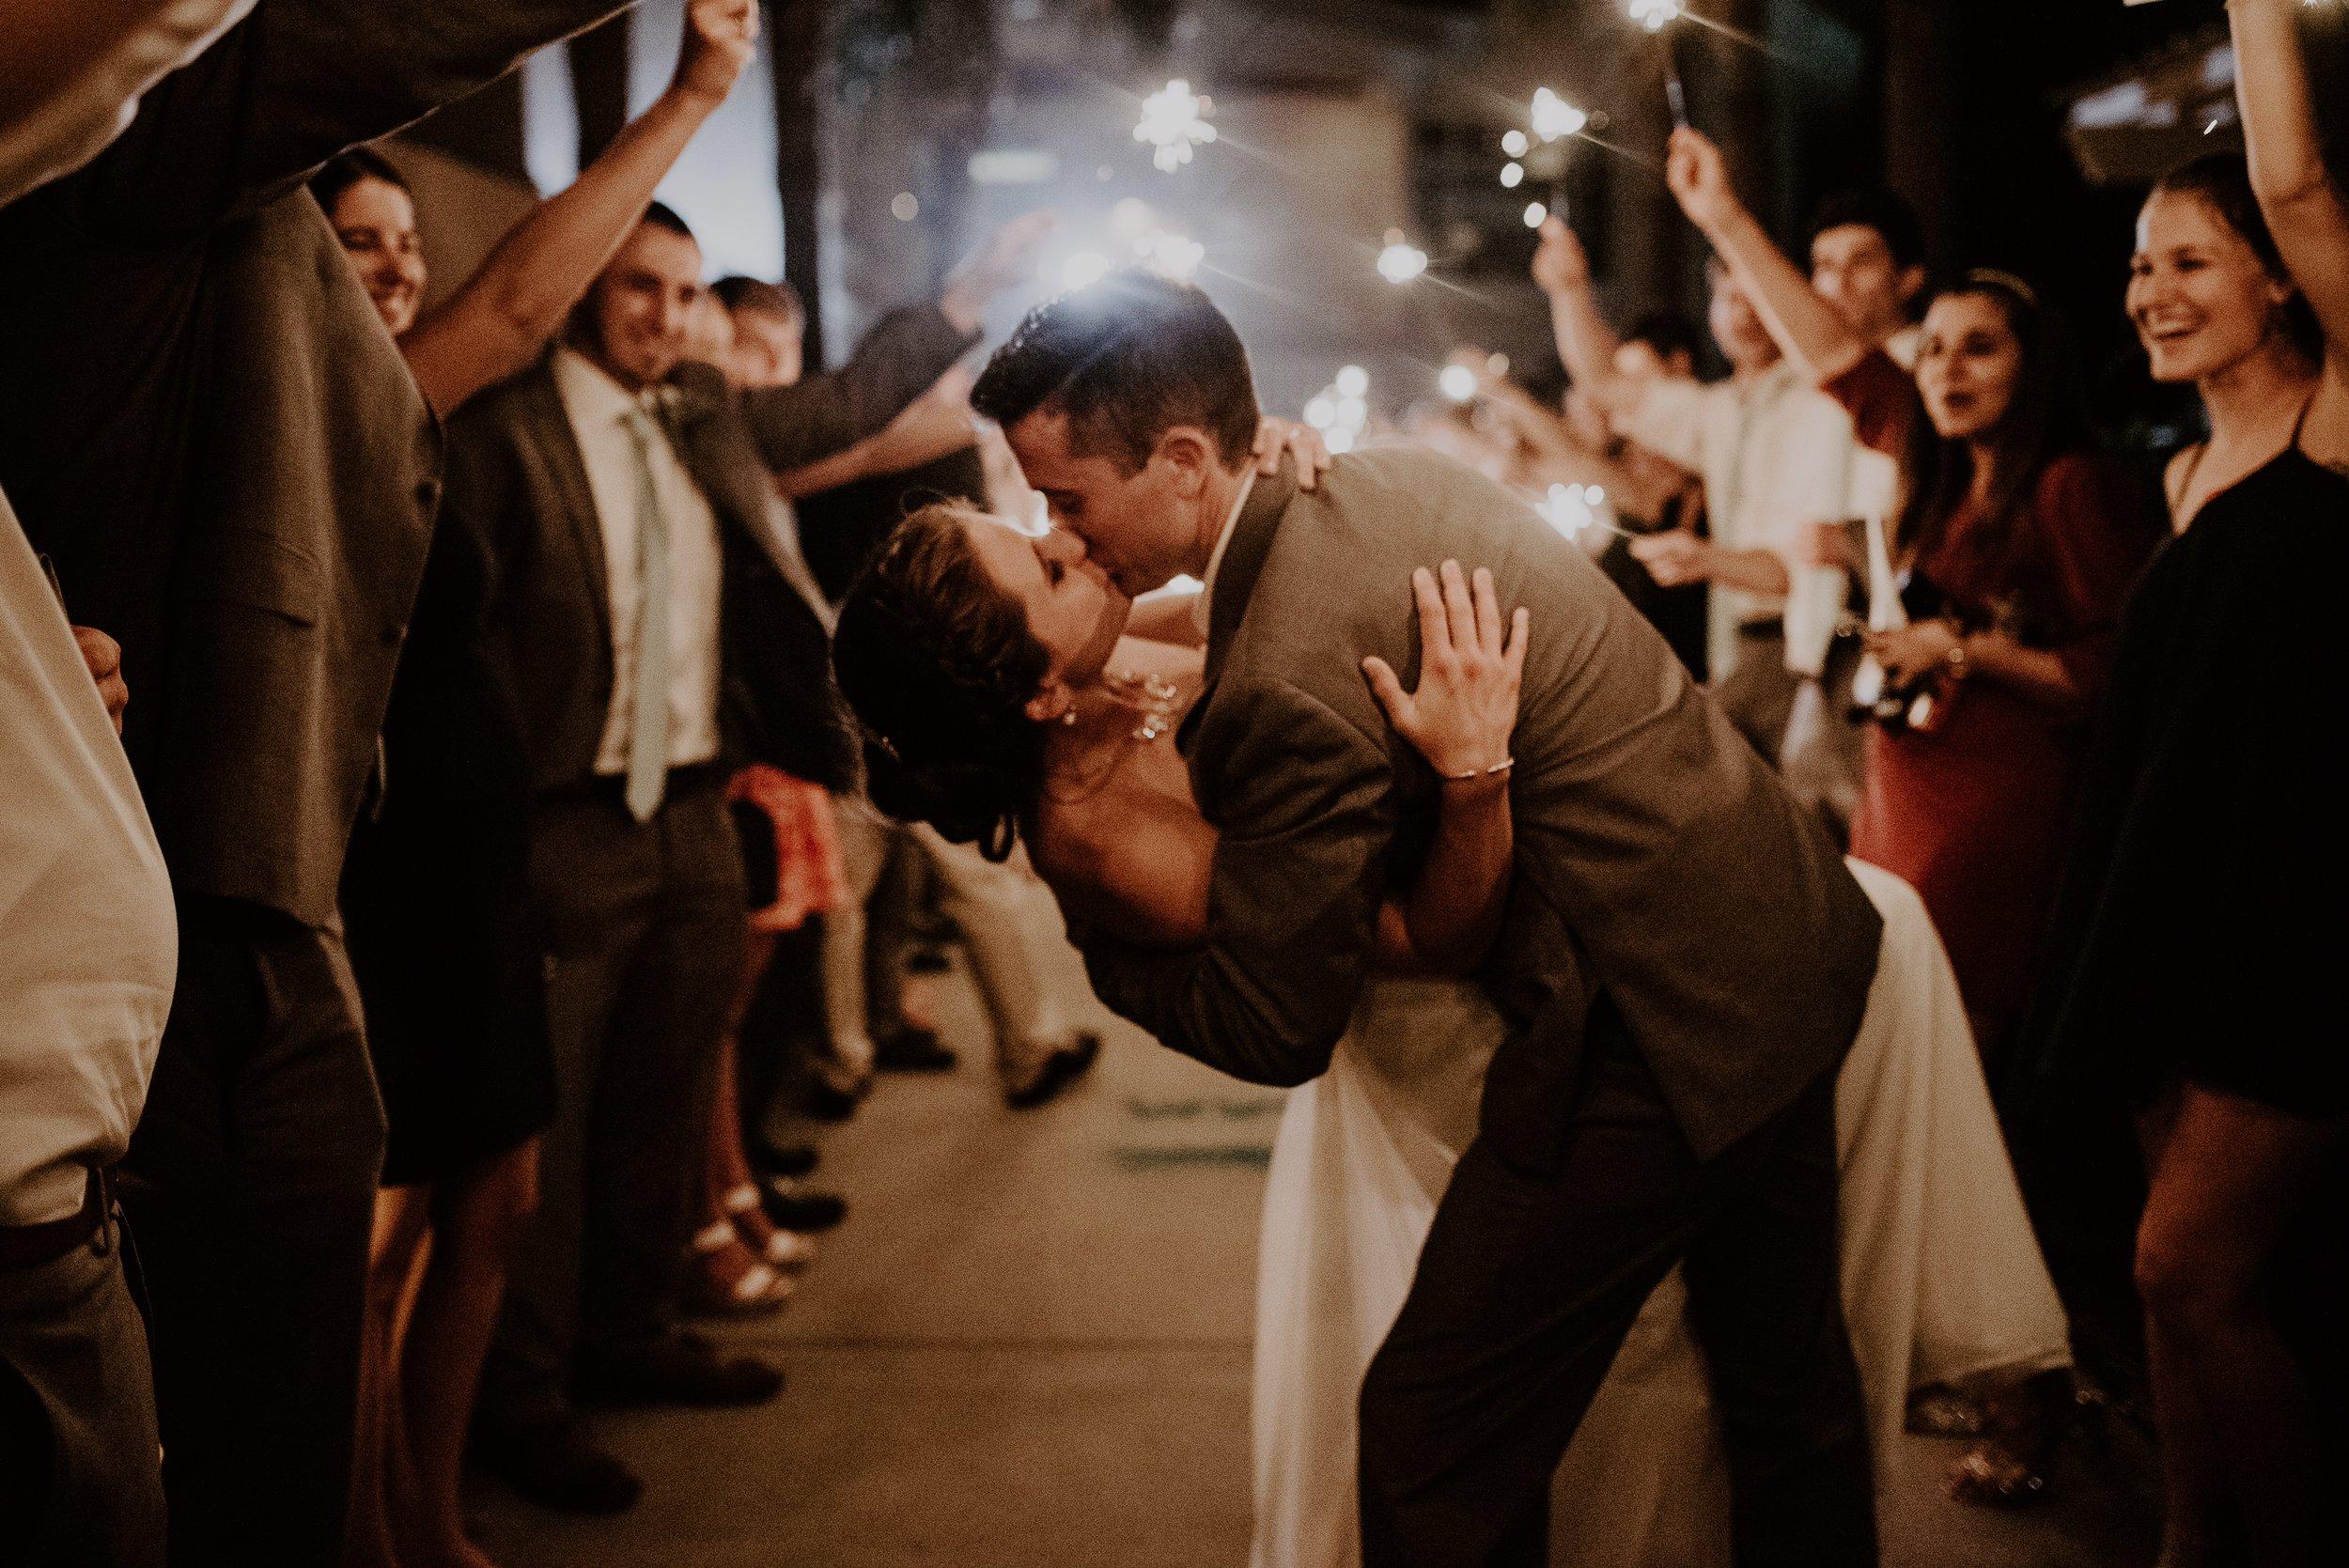 Wedding Sparkler.JPG